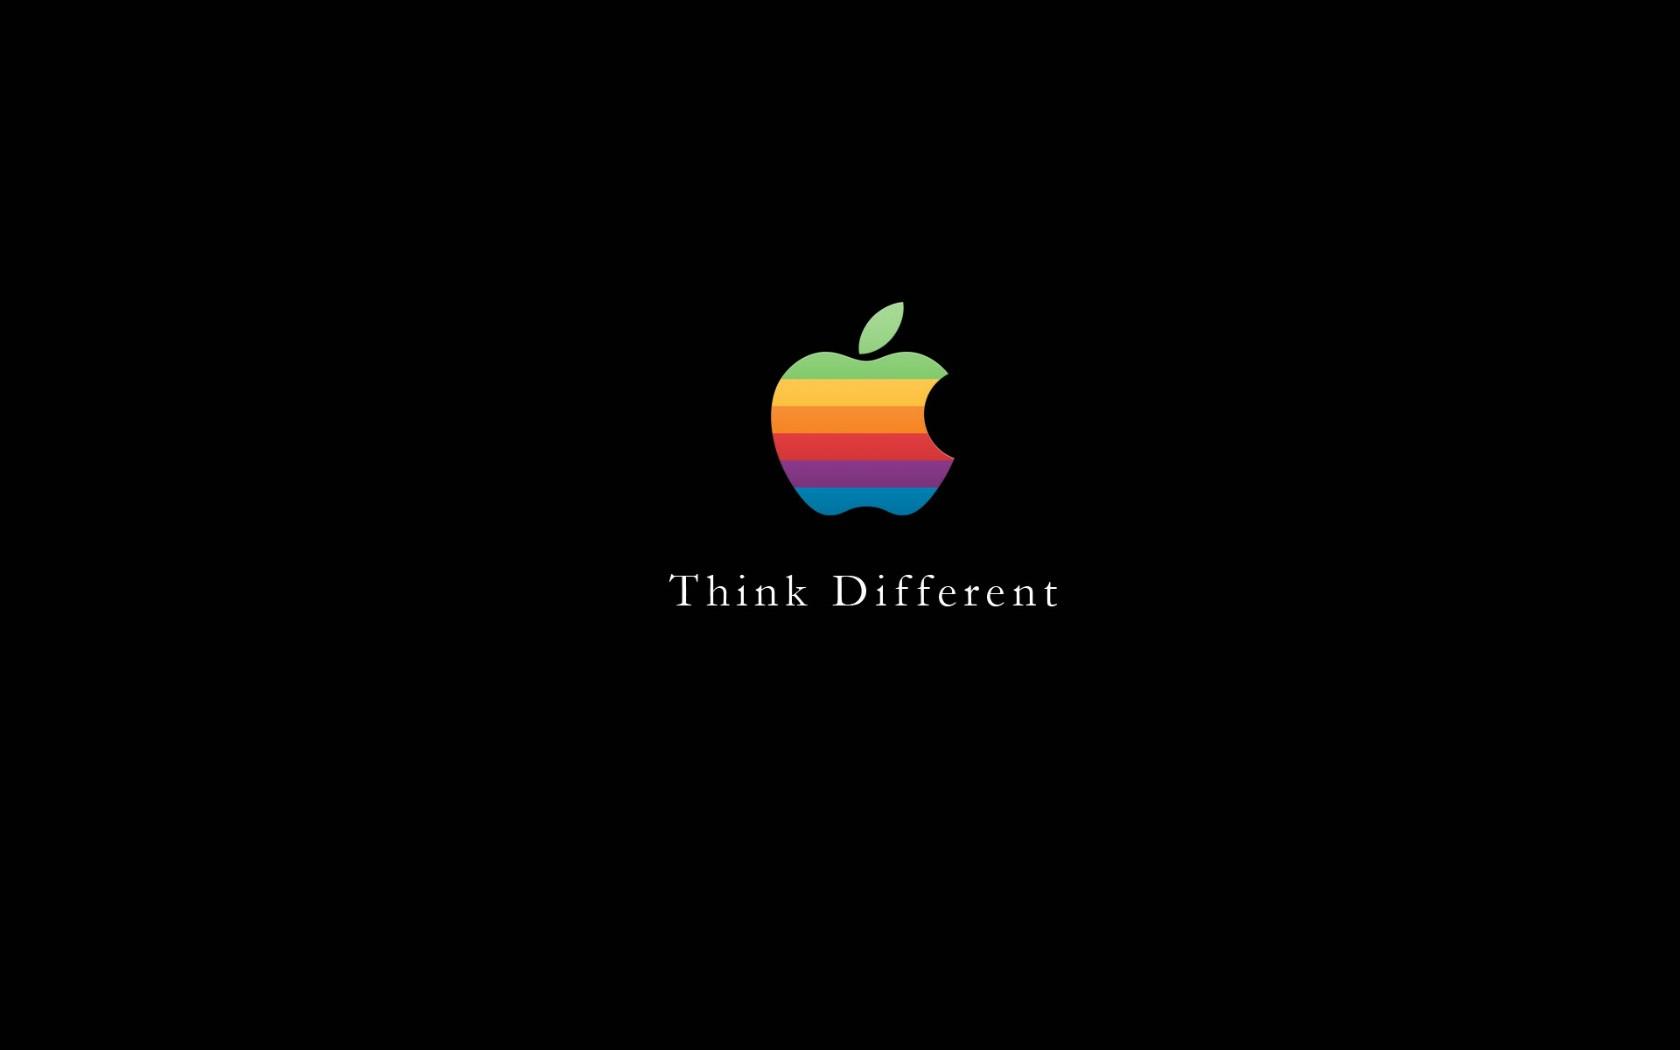 苹果手机高清墙纸